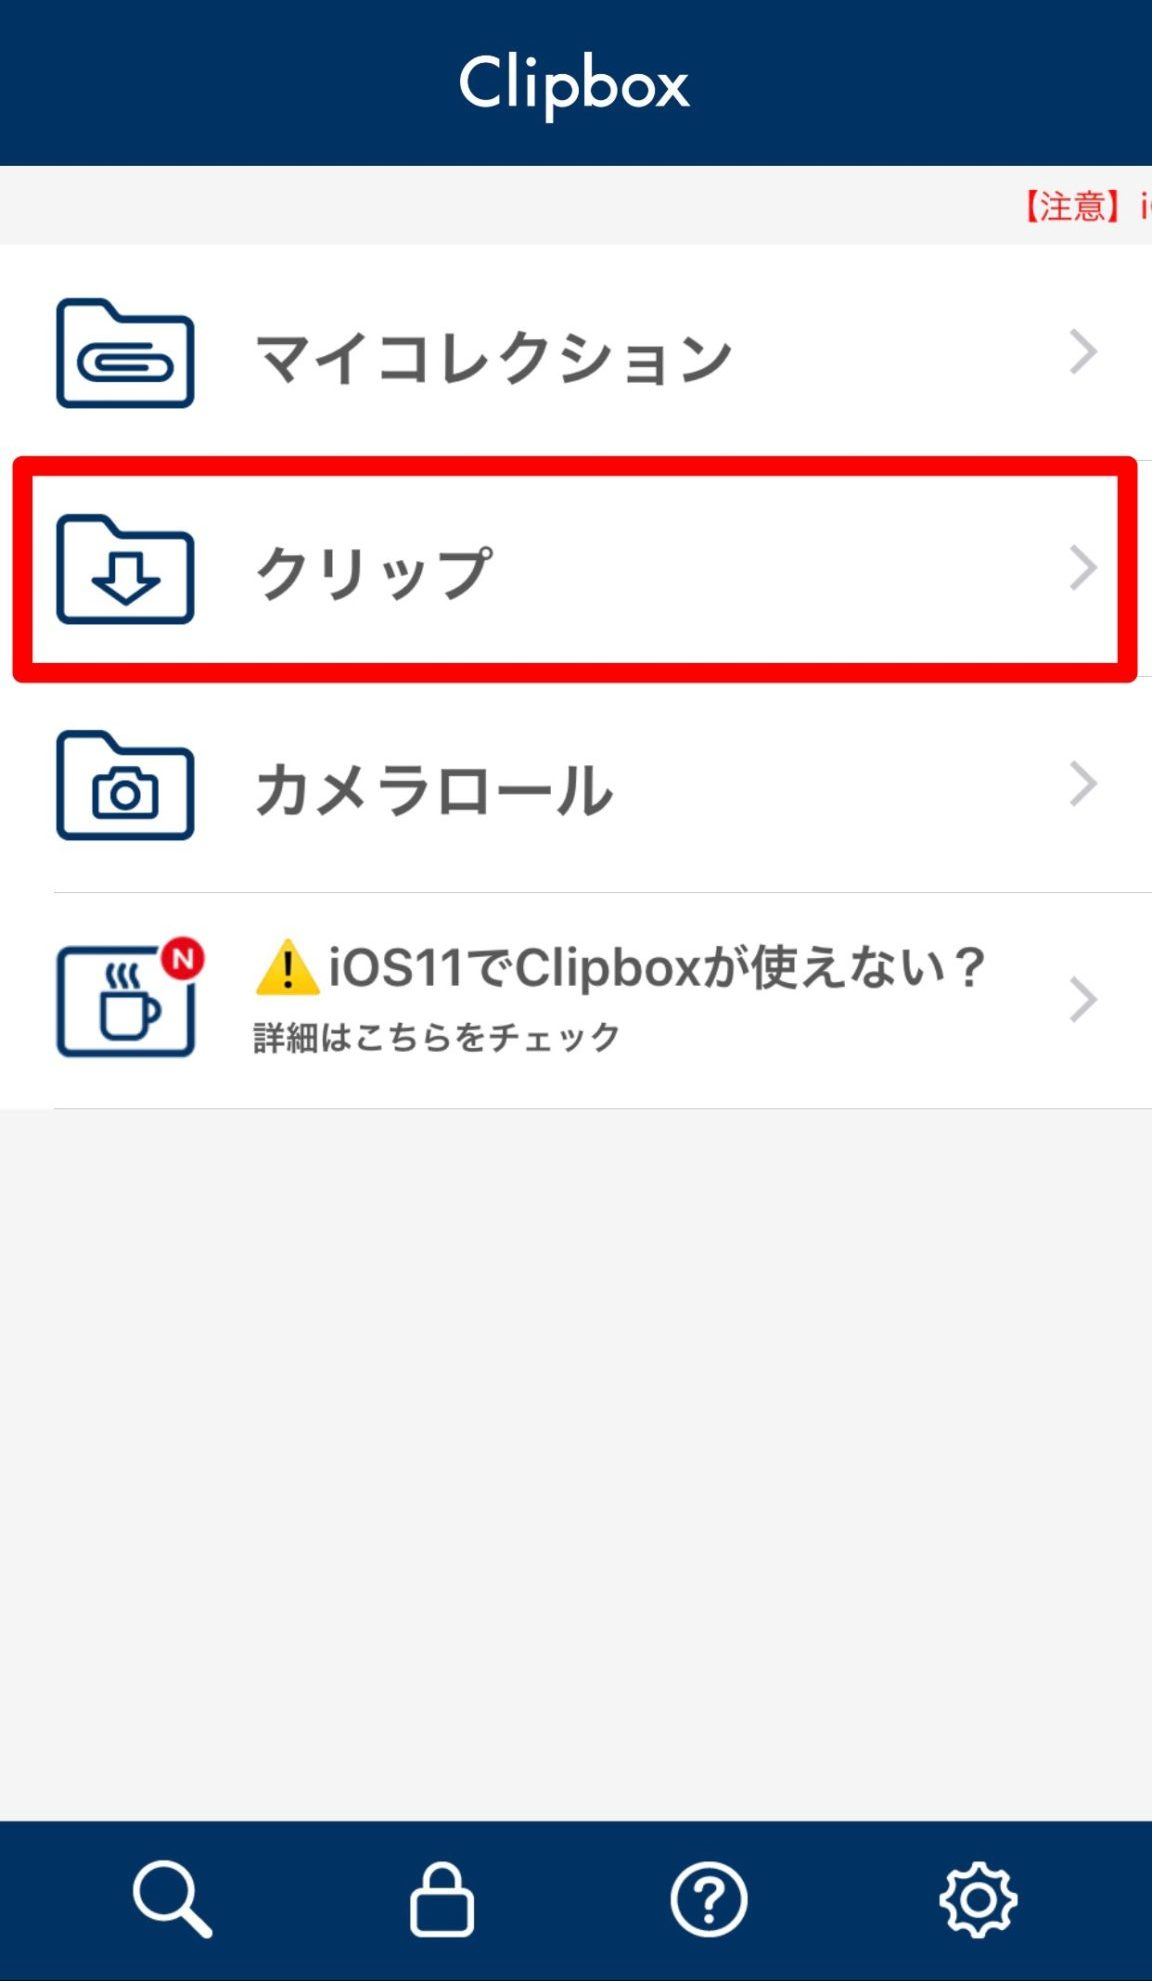 どの動画サイトの動画がClipboxで保存できるかまとめた記事は最後に紹介していますので、参考にしてみてください。